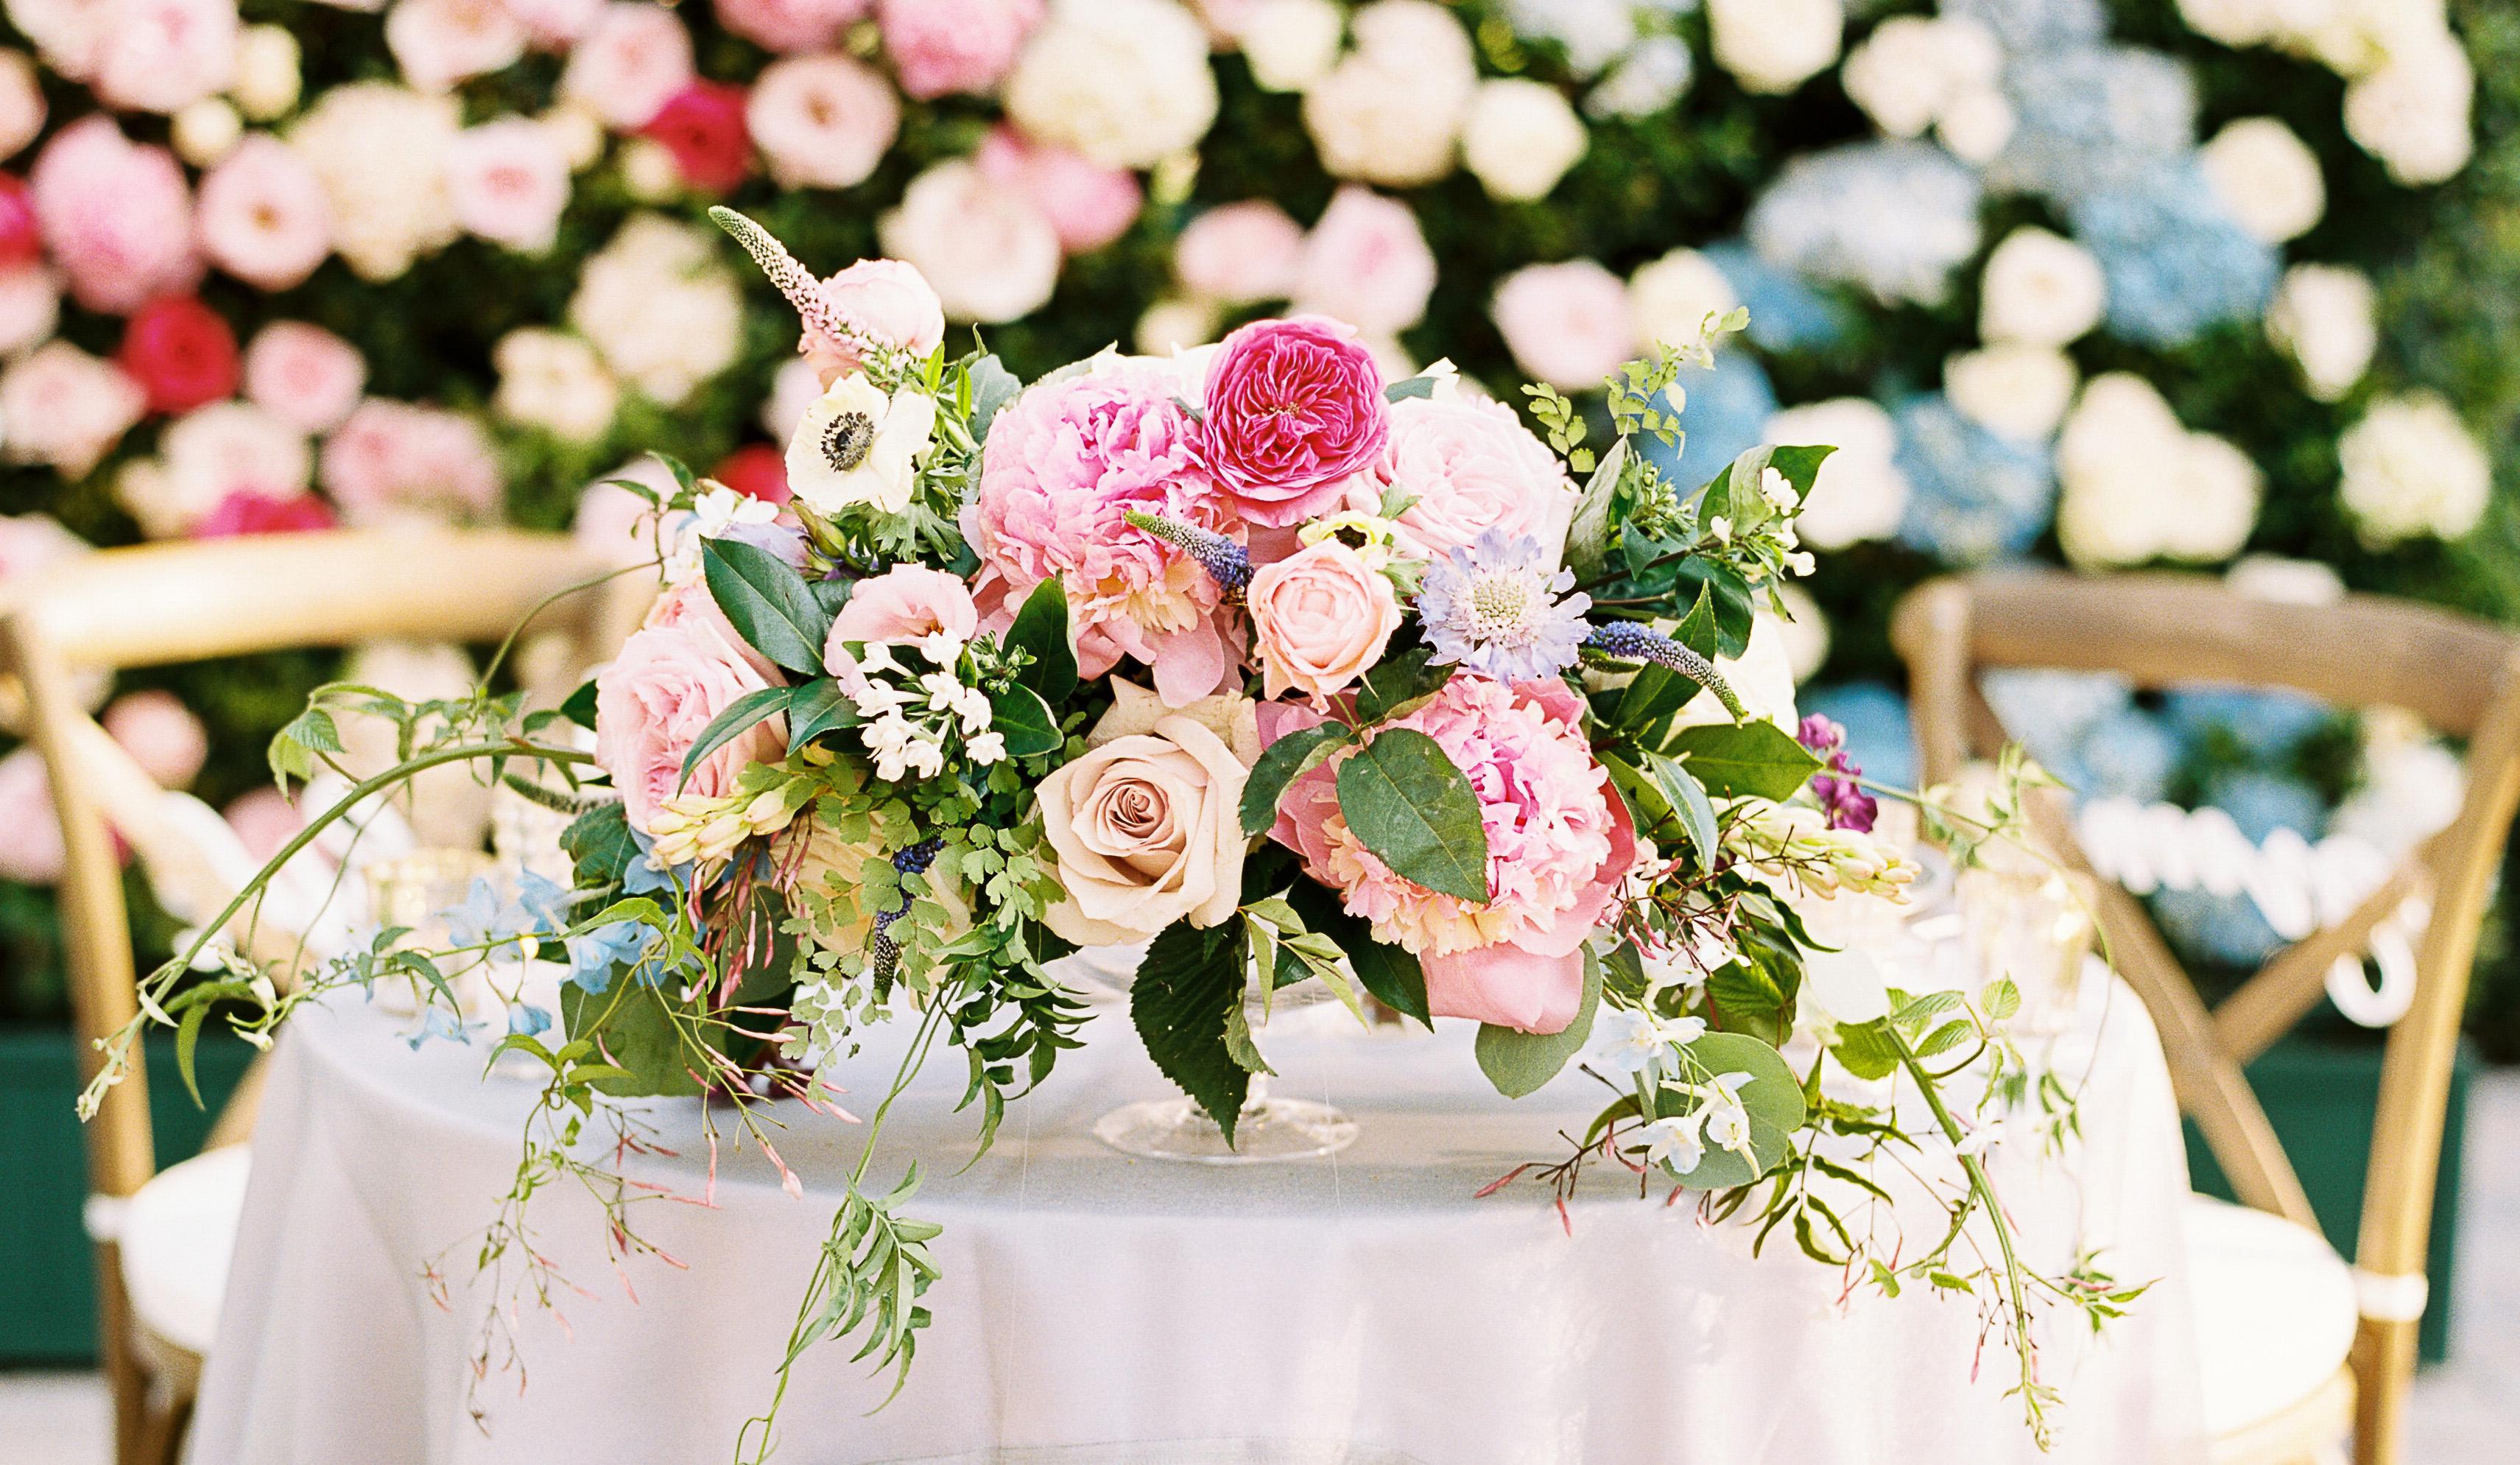 Unique Floral Designs